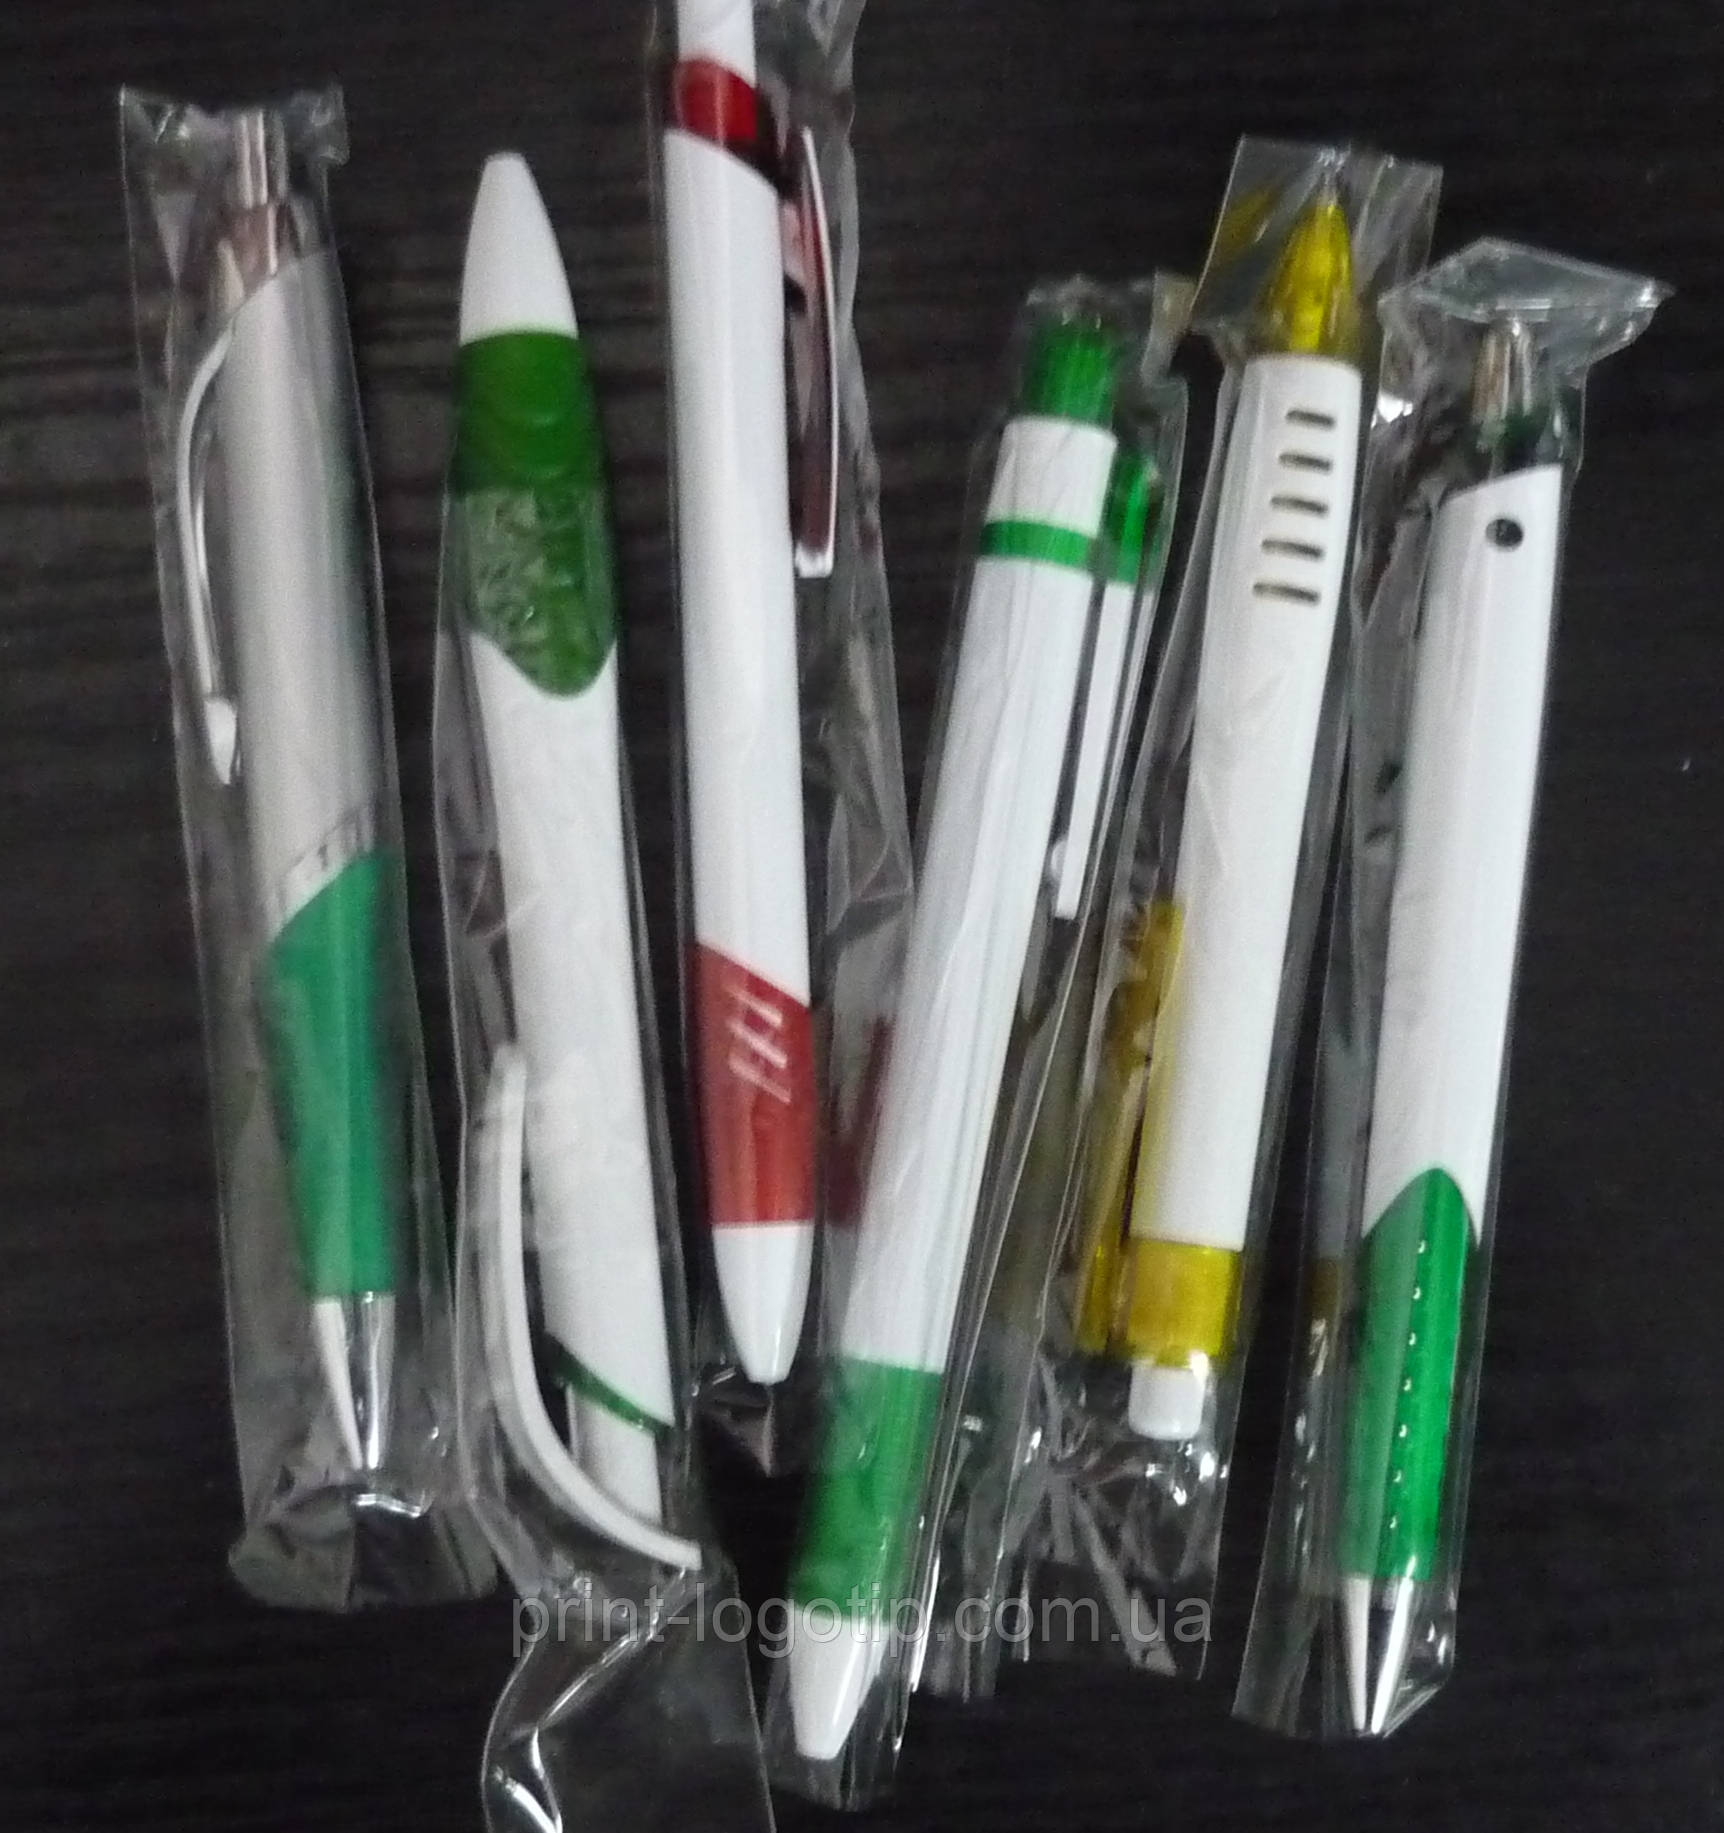 Печать на ручках Киев Херсон, Запорожье